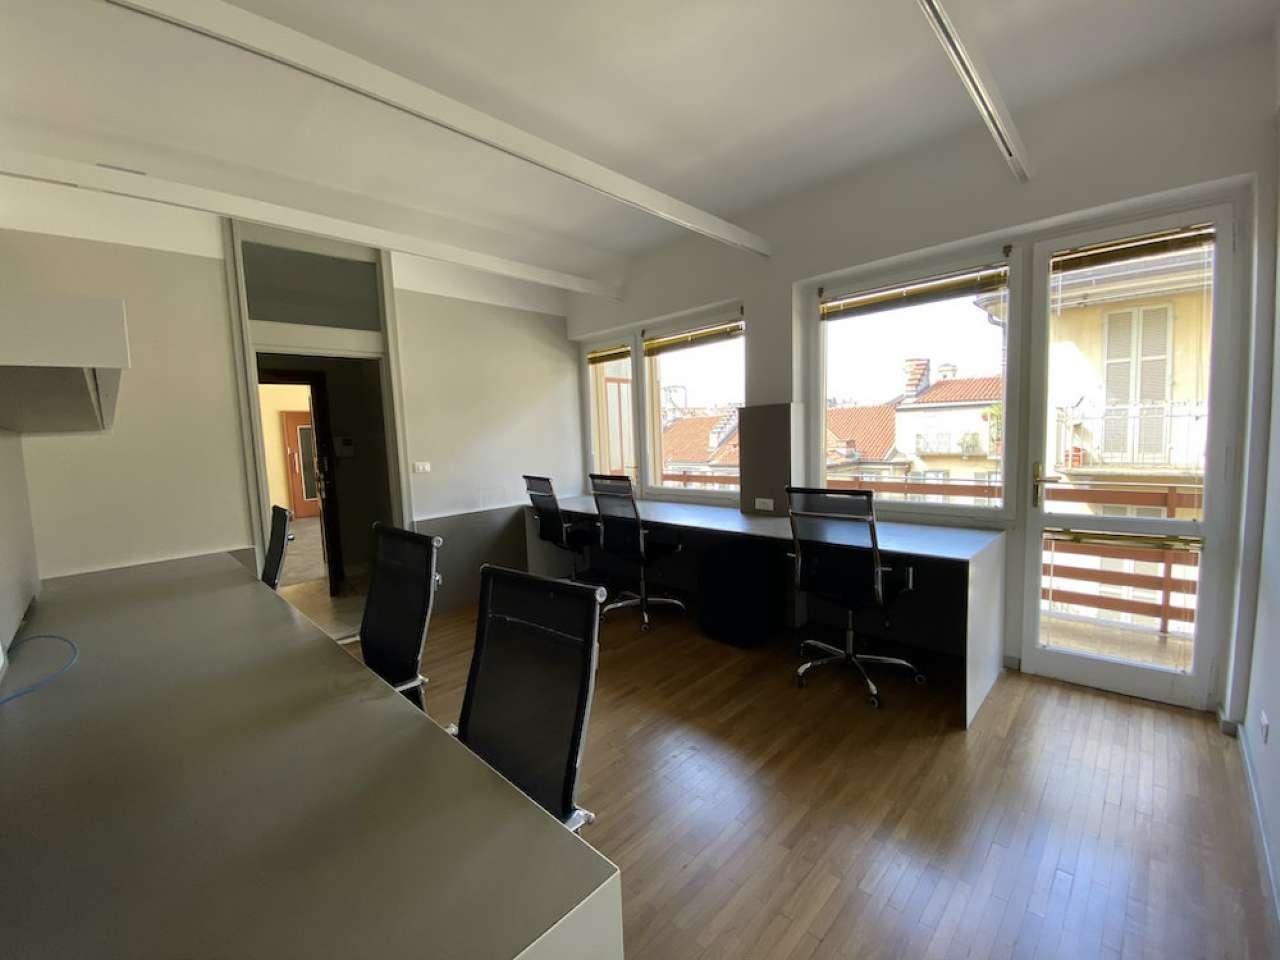 Ufficio / Studio in affitto a Torino, 2 locali, zona Centro, Quadrilatero Romano, Repubblica, Giardini Reali, prezzo € 550 | PortaleAgenzieImmobiliari.it